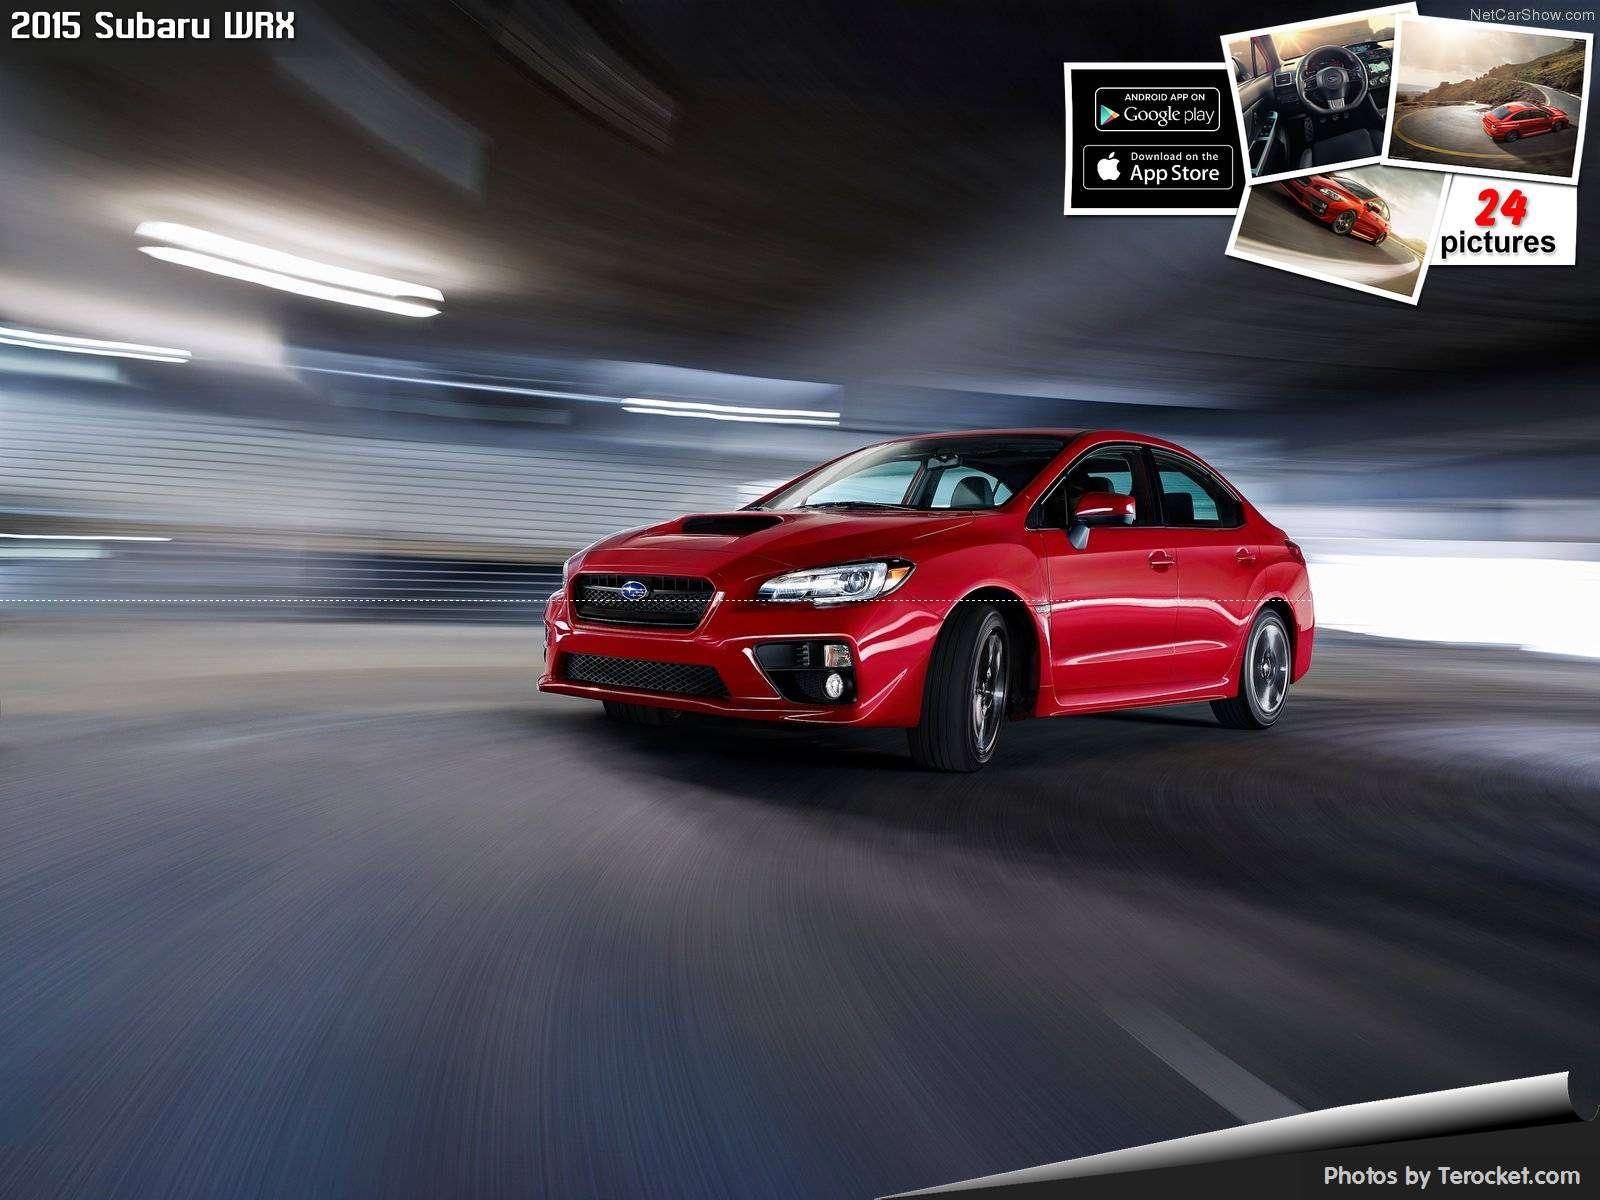 Hình ảnh xe ô tô Subaru WRX 2015 & nội ngoại thất